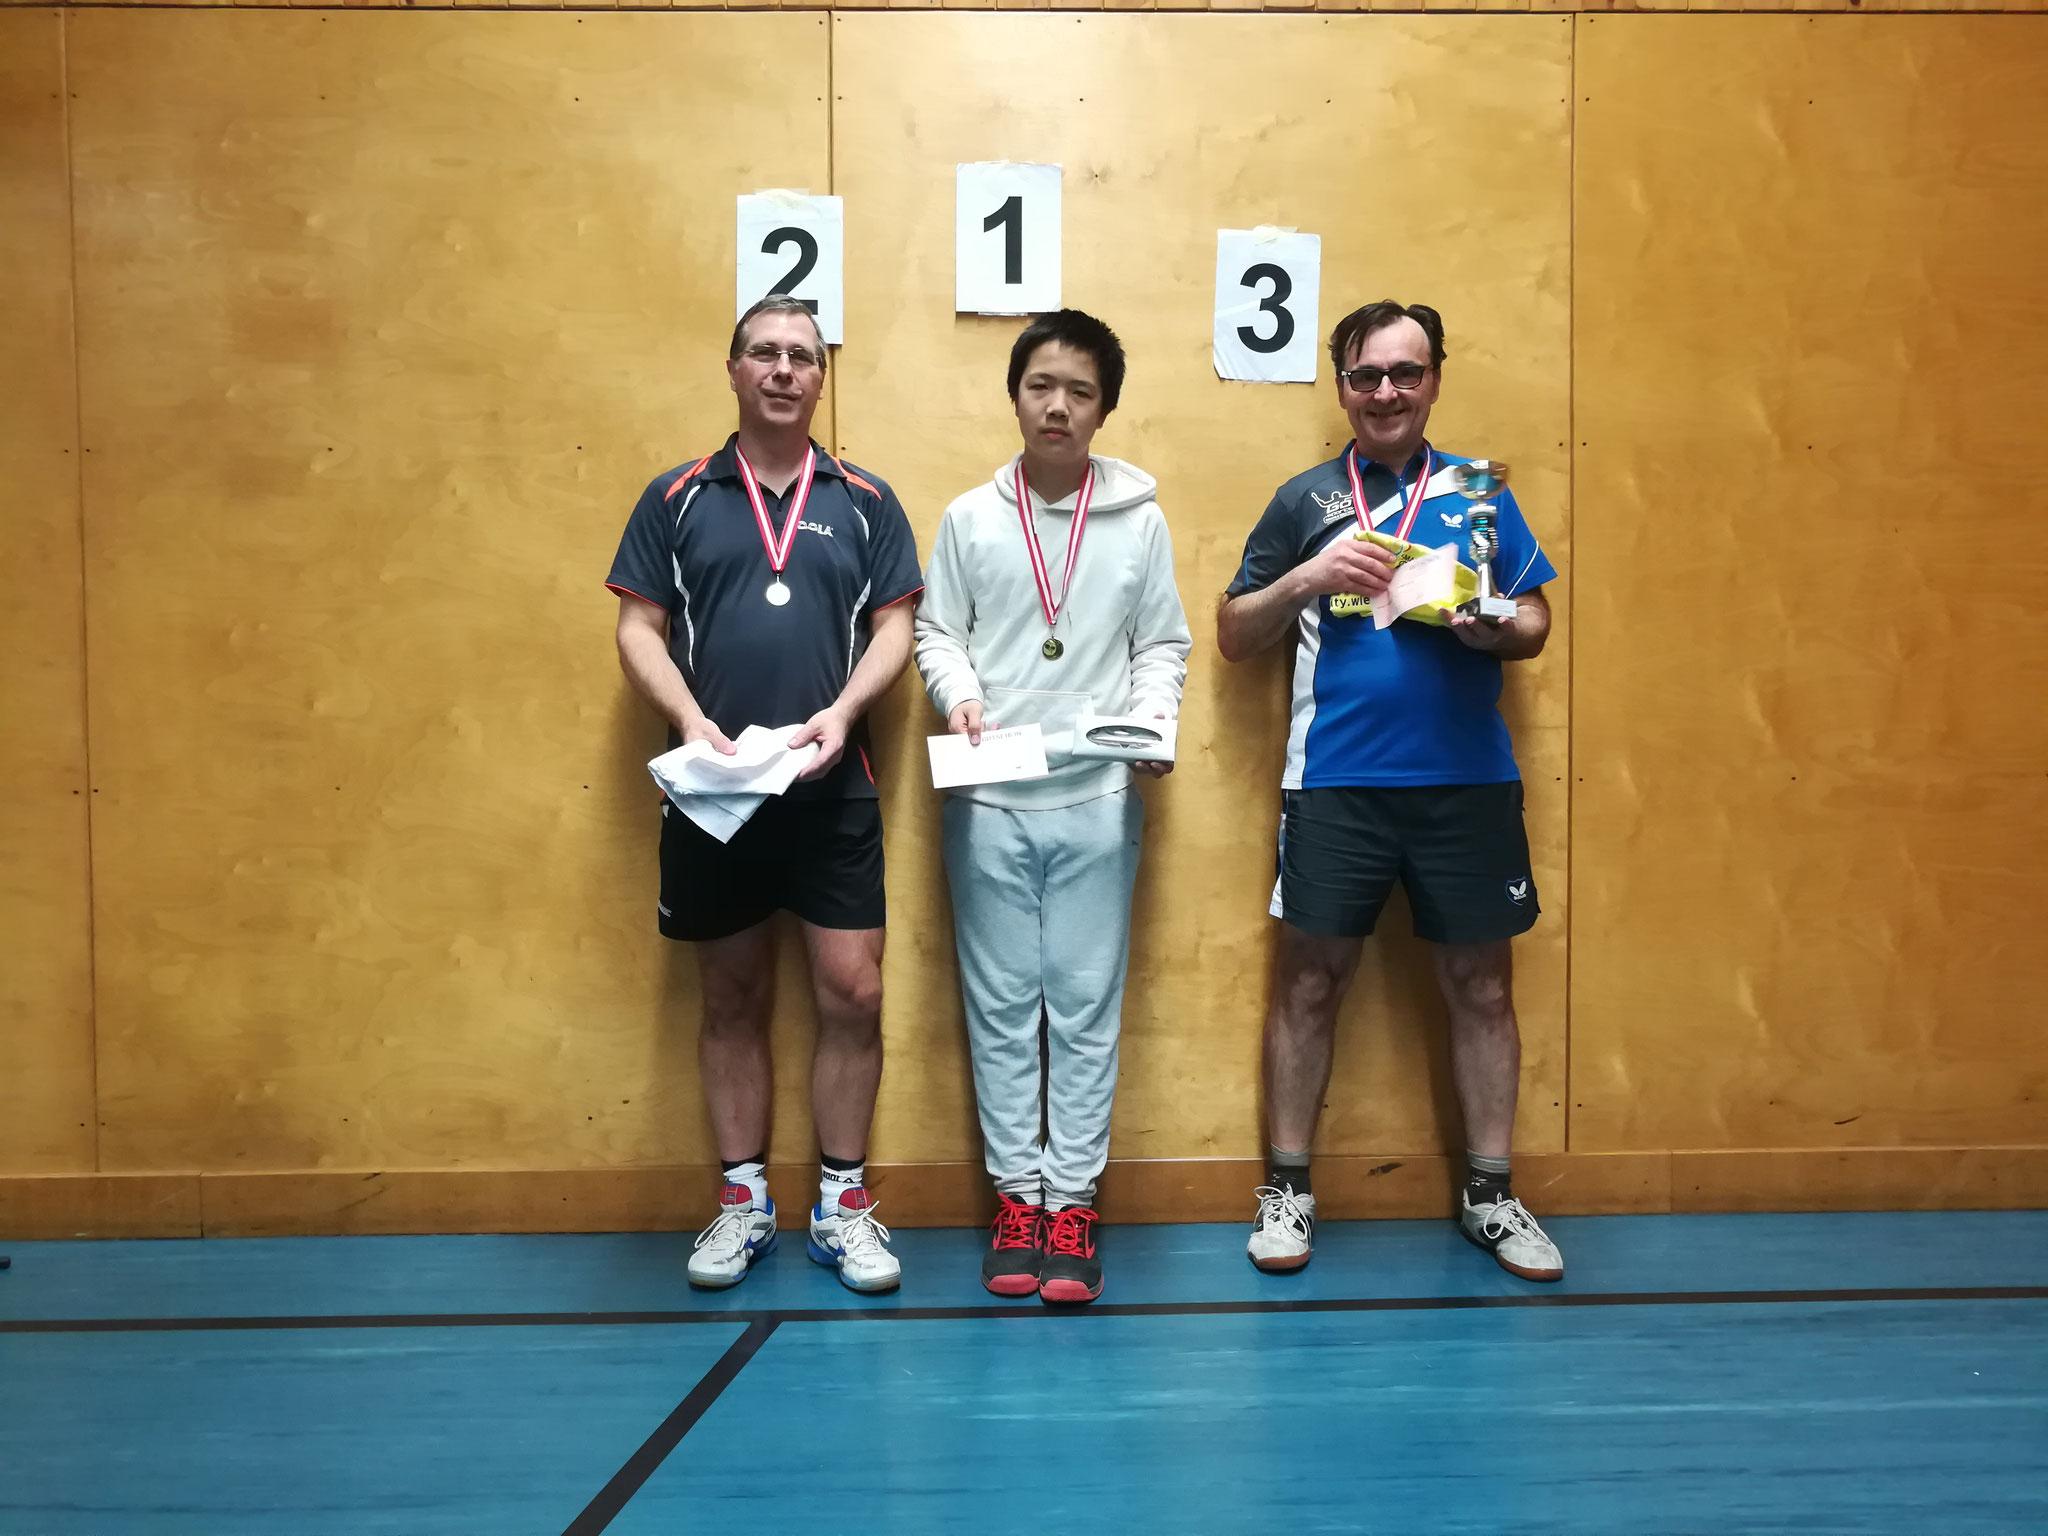 Gesamtsieger Bewerb D: v.l.n.r. Christian Börner (WPAE) (Platz 2), Eric Tang (NFS) (Sieger), Christian Thunshirn (EDEN) (Platz 3)